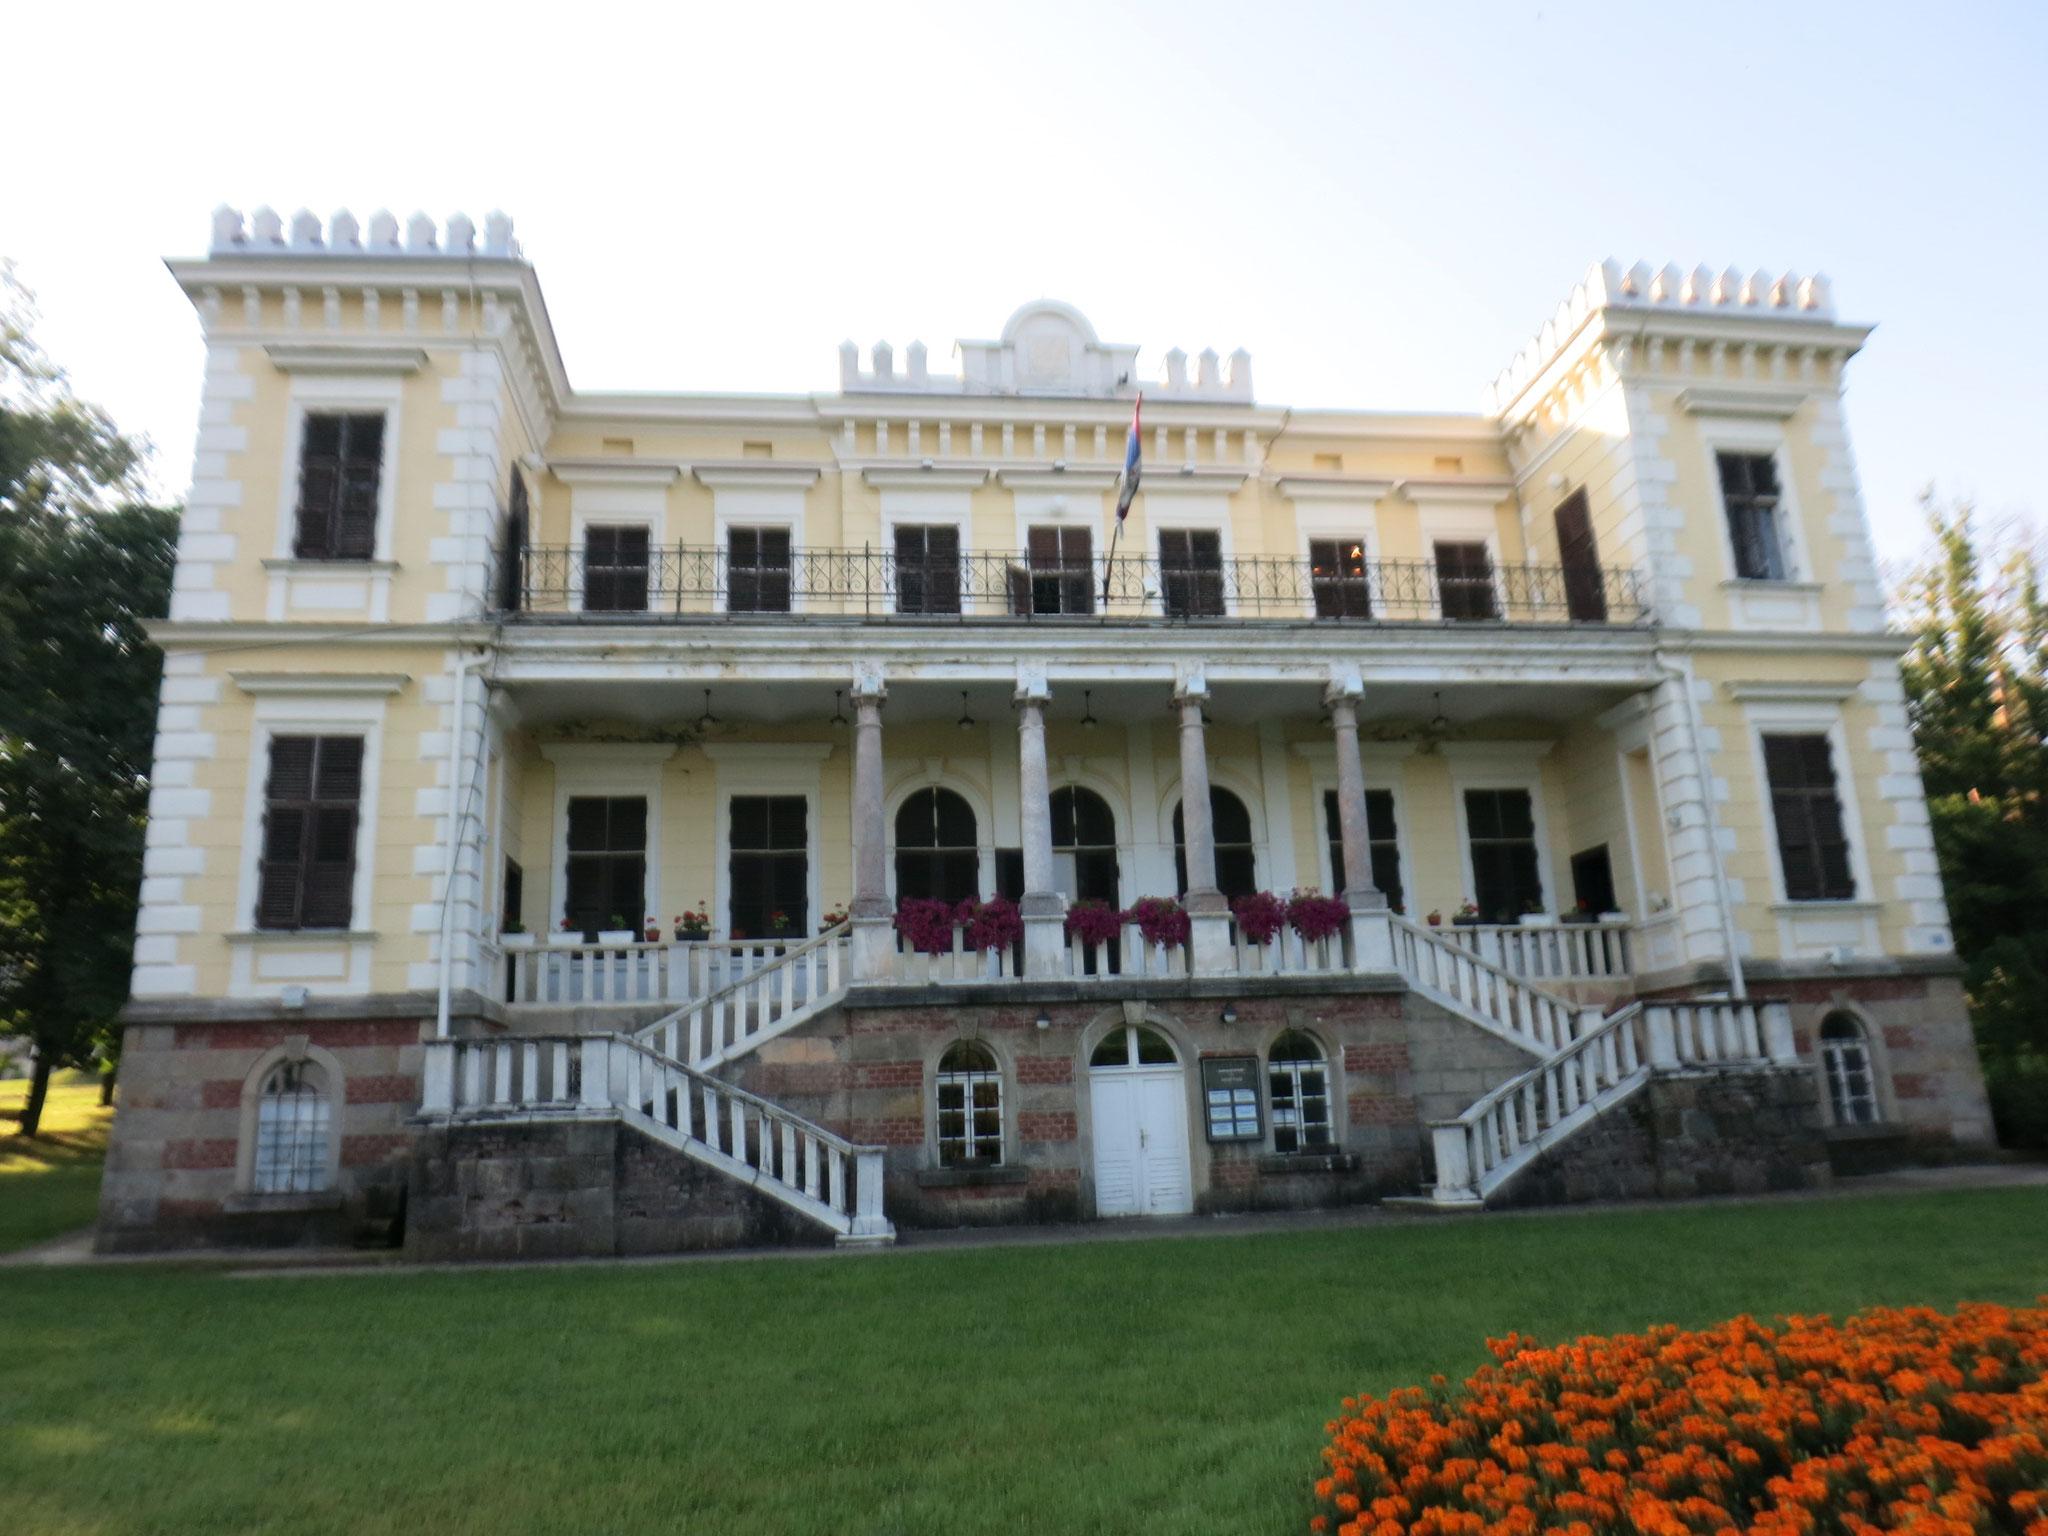 el palacio Berlimakovic, hoy palacio de cultura